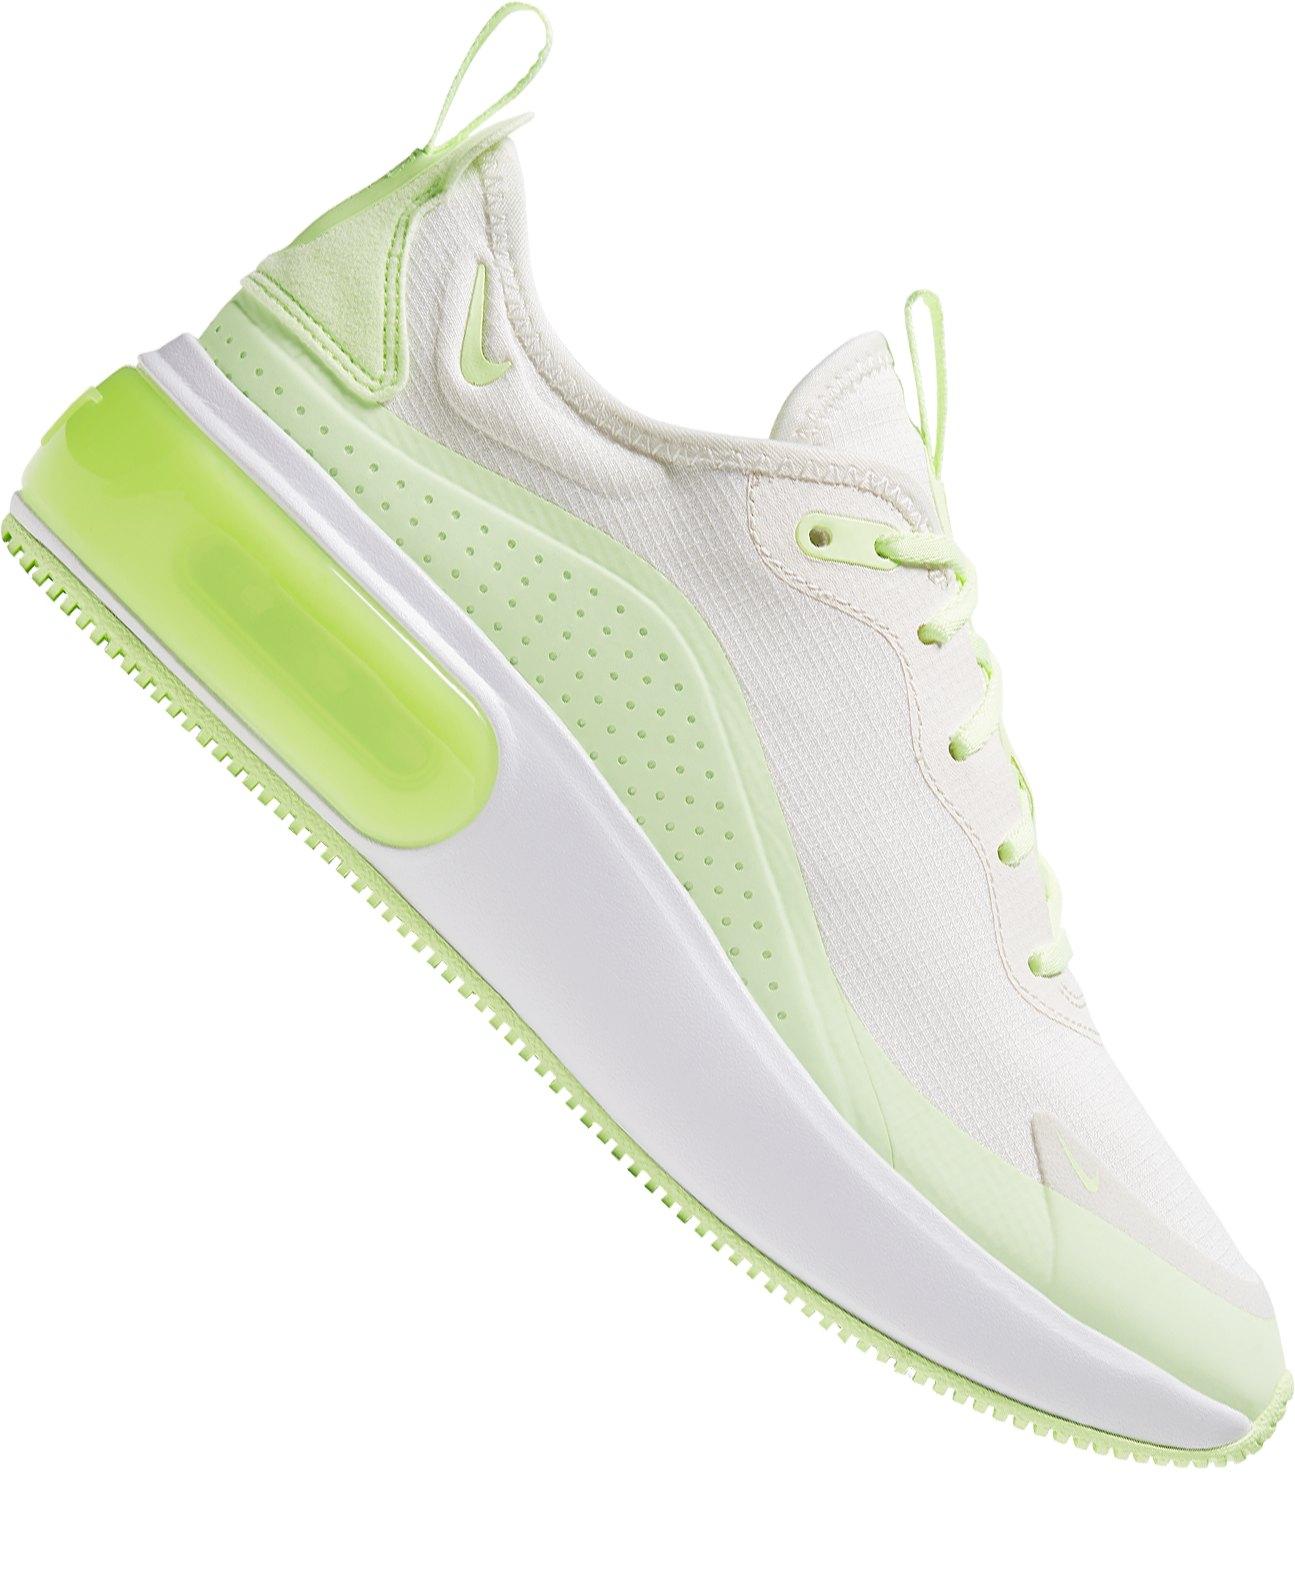 Nike Air Max Thea neon grün gelb 37,5 Sneaker Freizeitschuhe